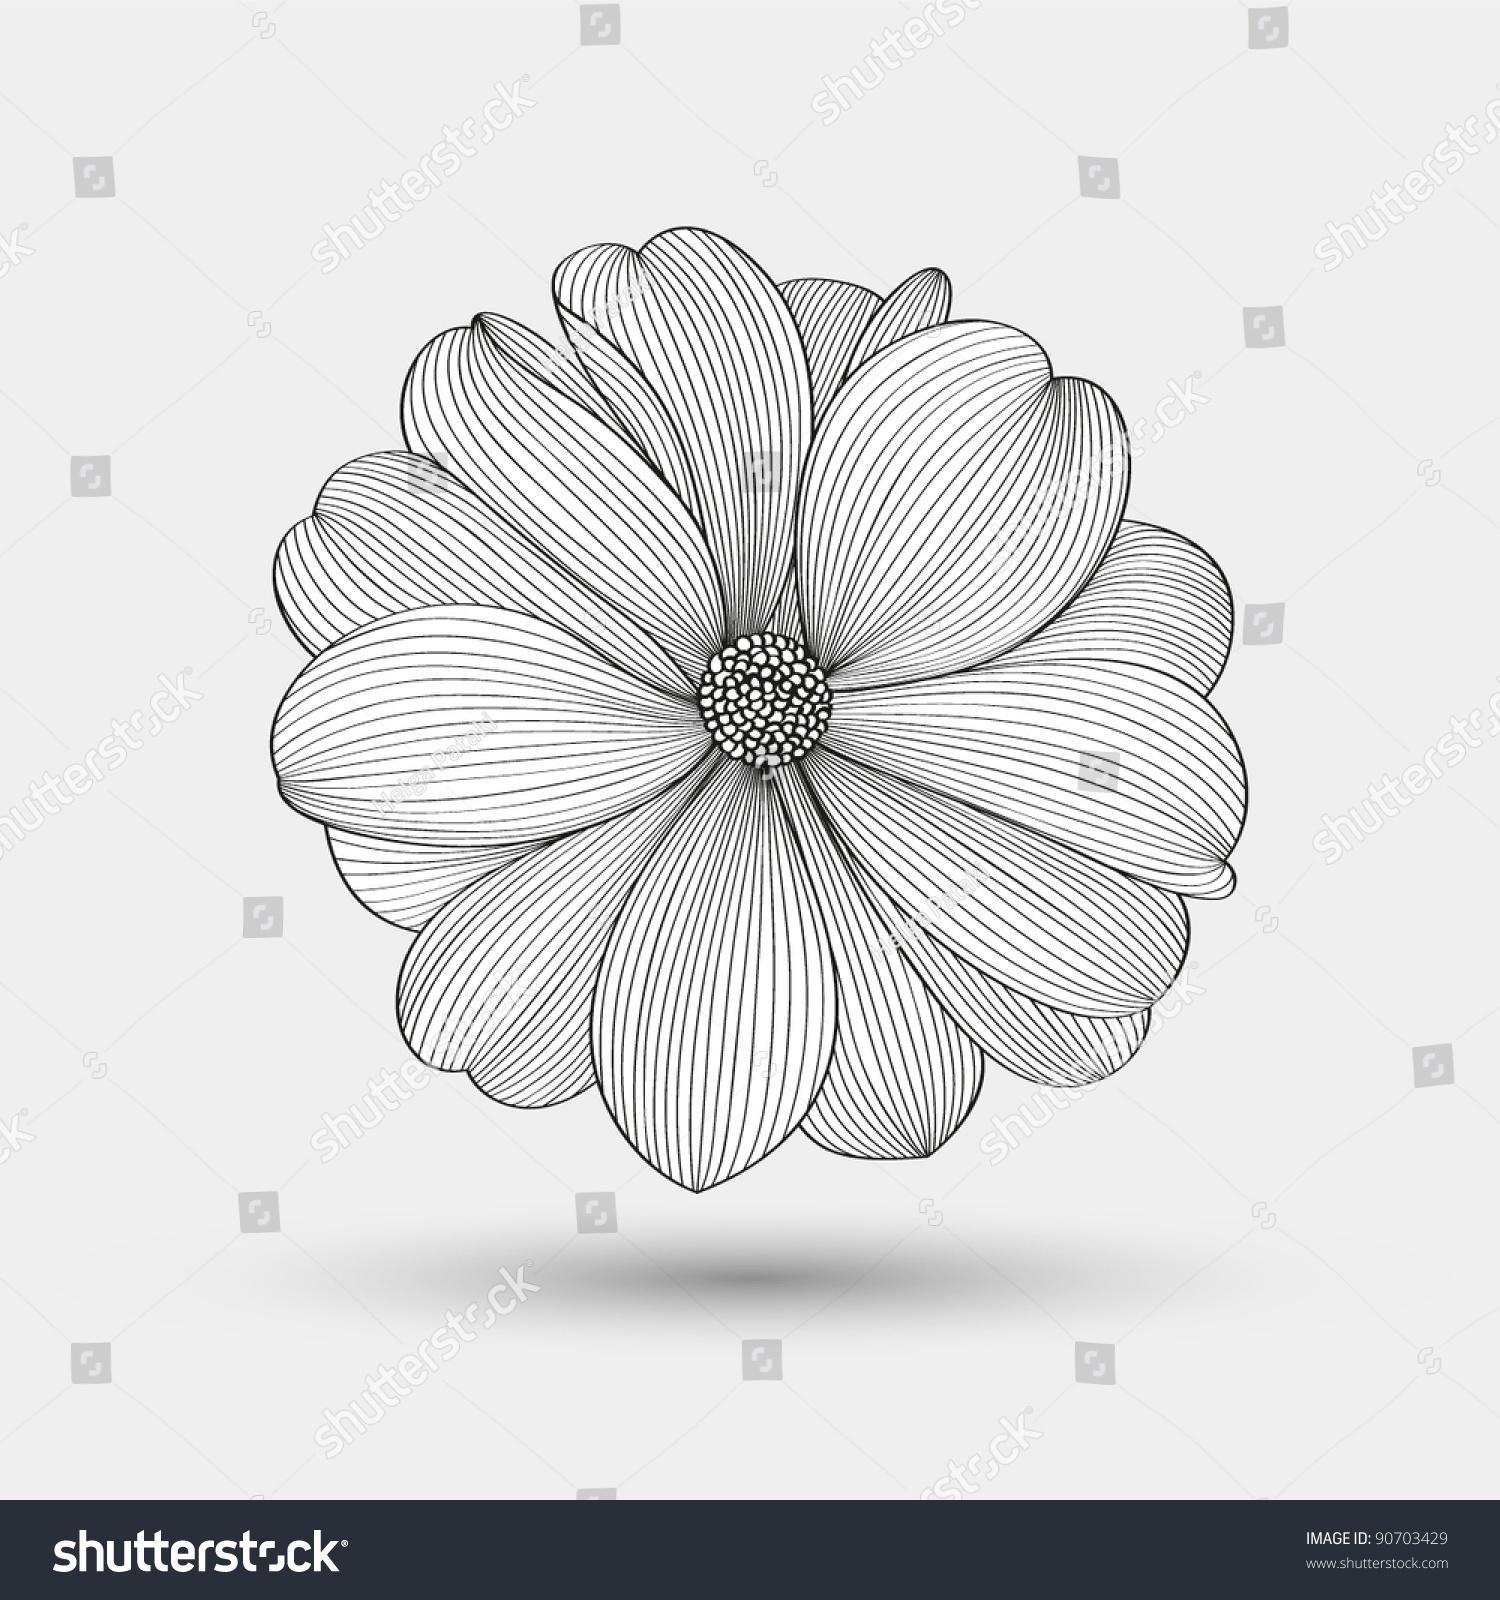 微信手绘黑白花